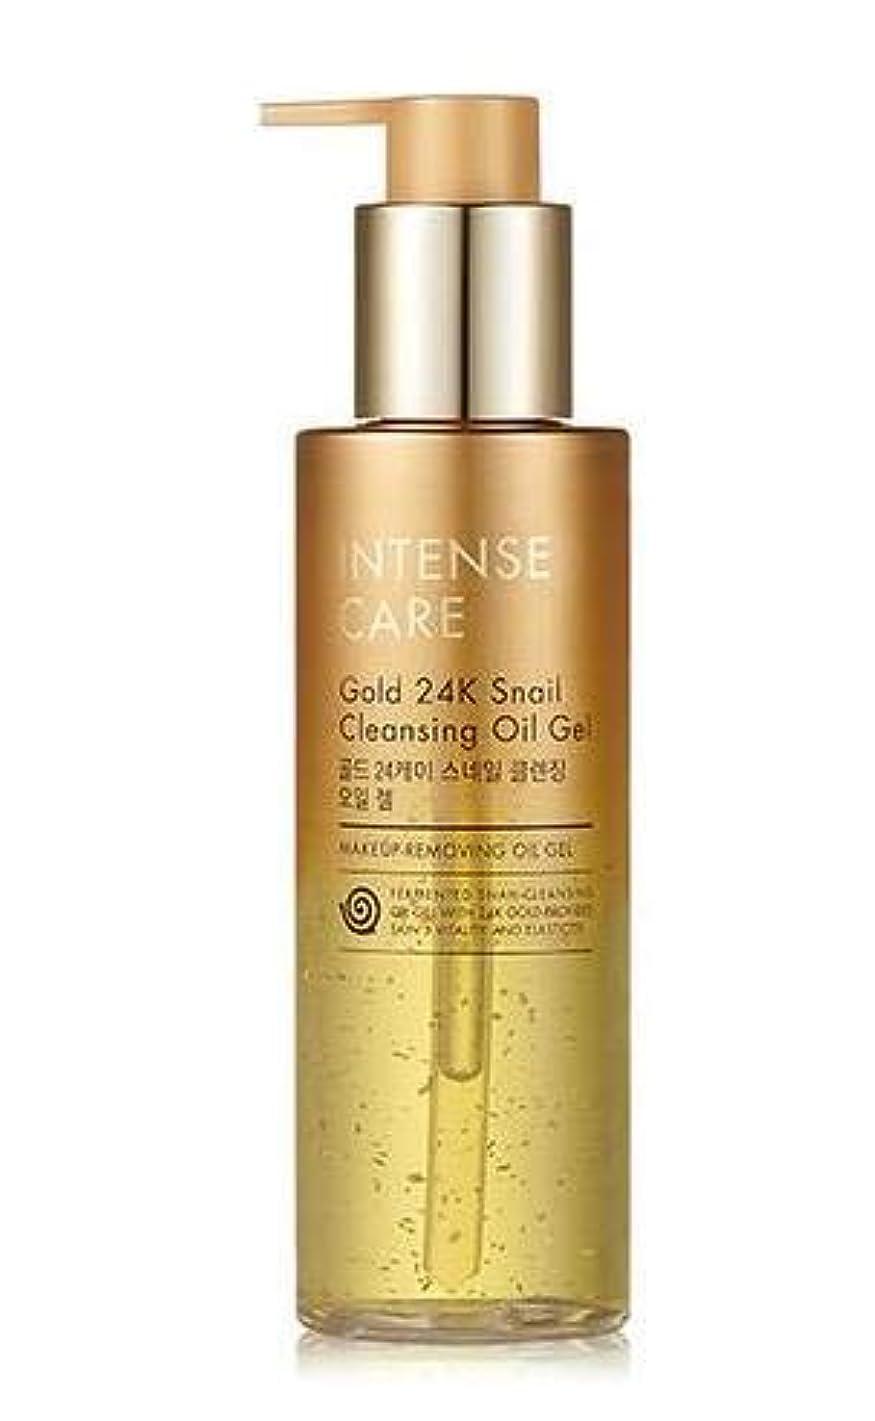 アッパー海外アプライアンスTONYMOLY Intense Care Gold 24K Snail Cleansing Oil Gel トニーモリー インテンスケア ゴールド 24K スネール クレンジング オイル ジェル 190ml [並行輸入品]